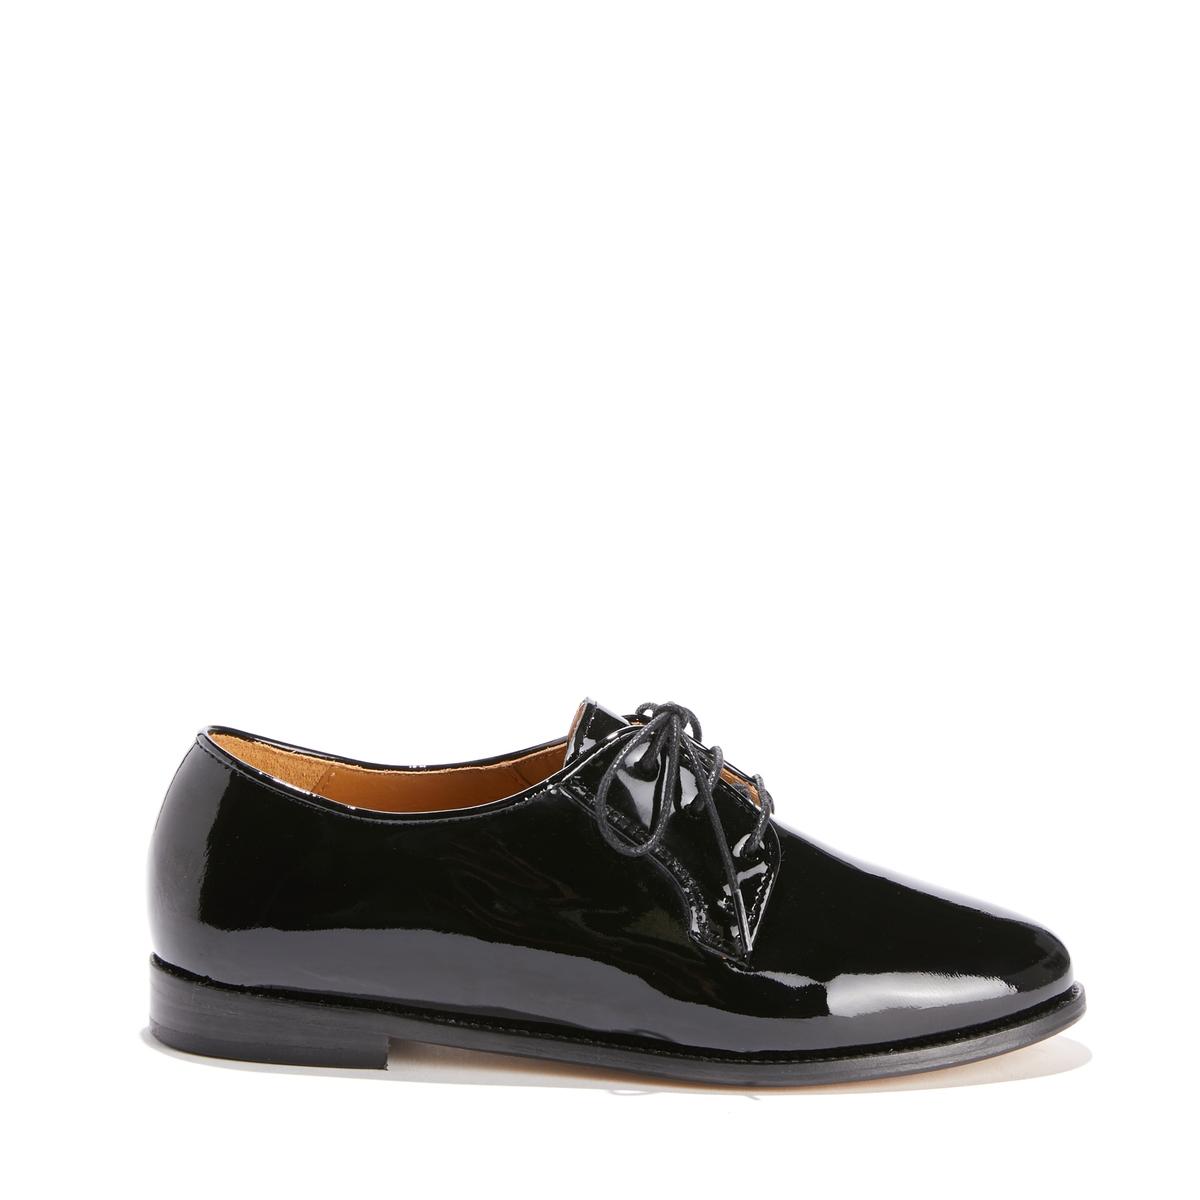 Ботинки-дерби на шнуровке из лакированной кожи от La Redoute